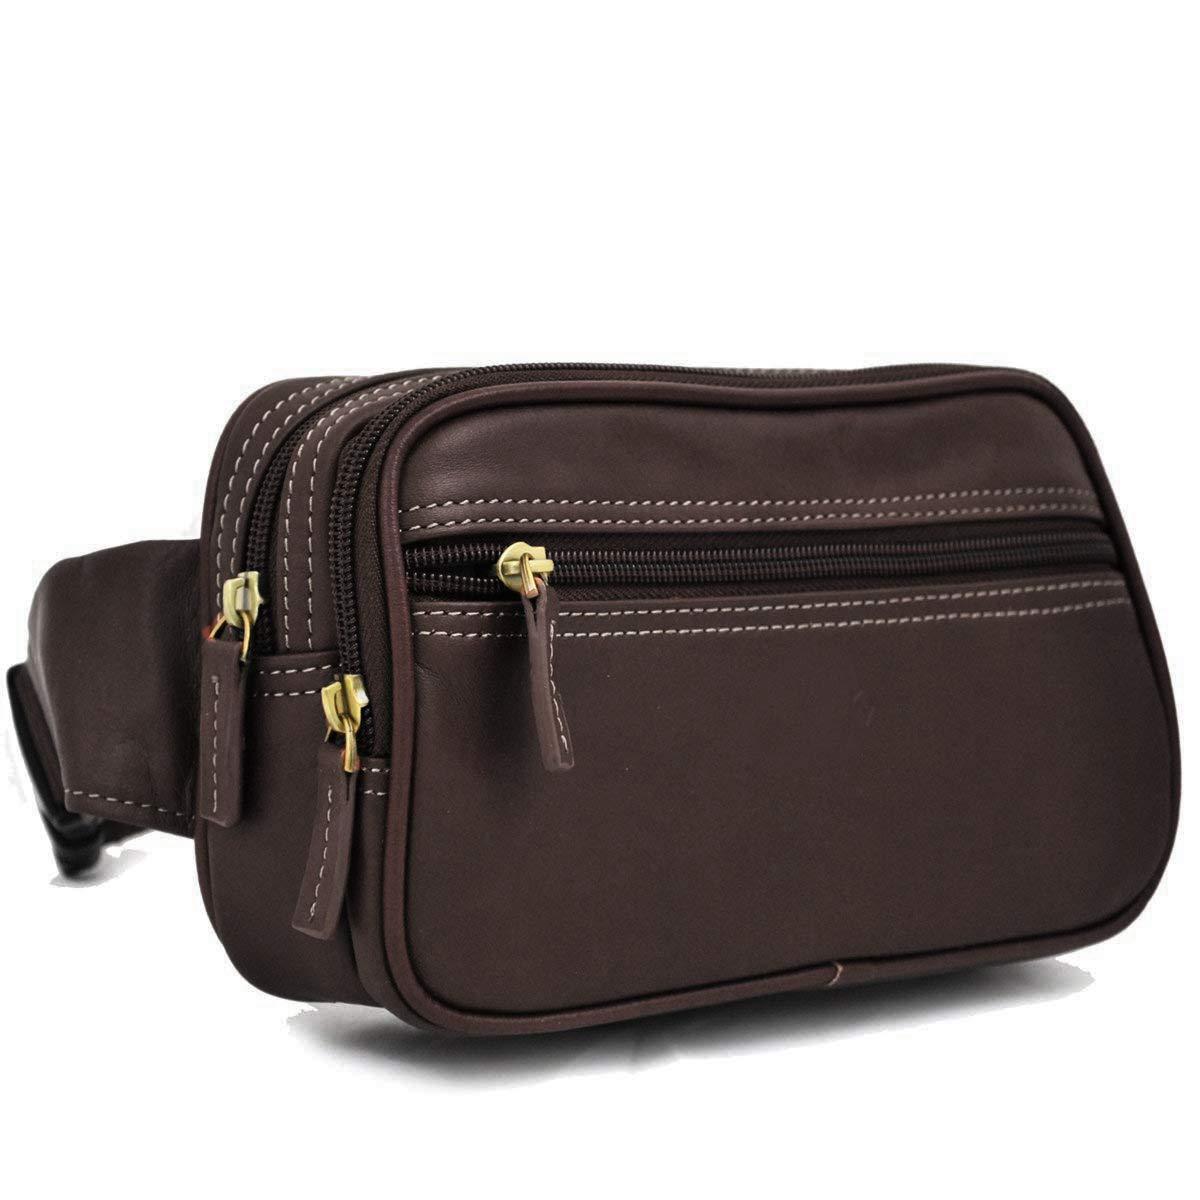 Genda 2Archer Petite Pochette argent ceinture sac en cuir voyage s/écurit/é accessoire transporter Marron